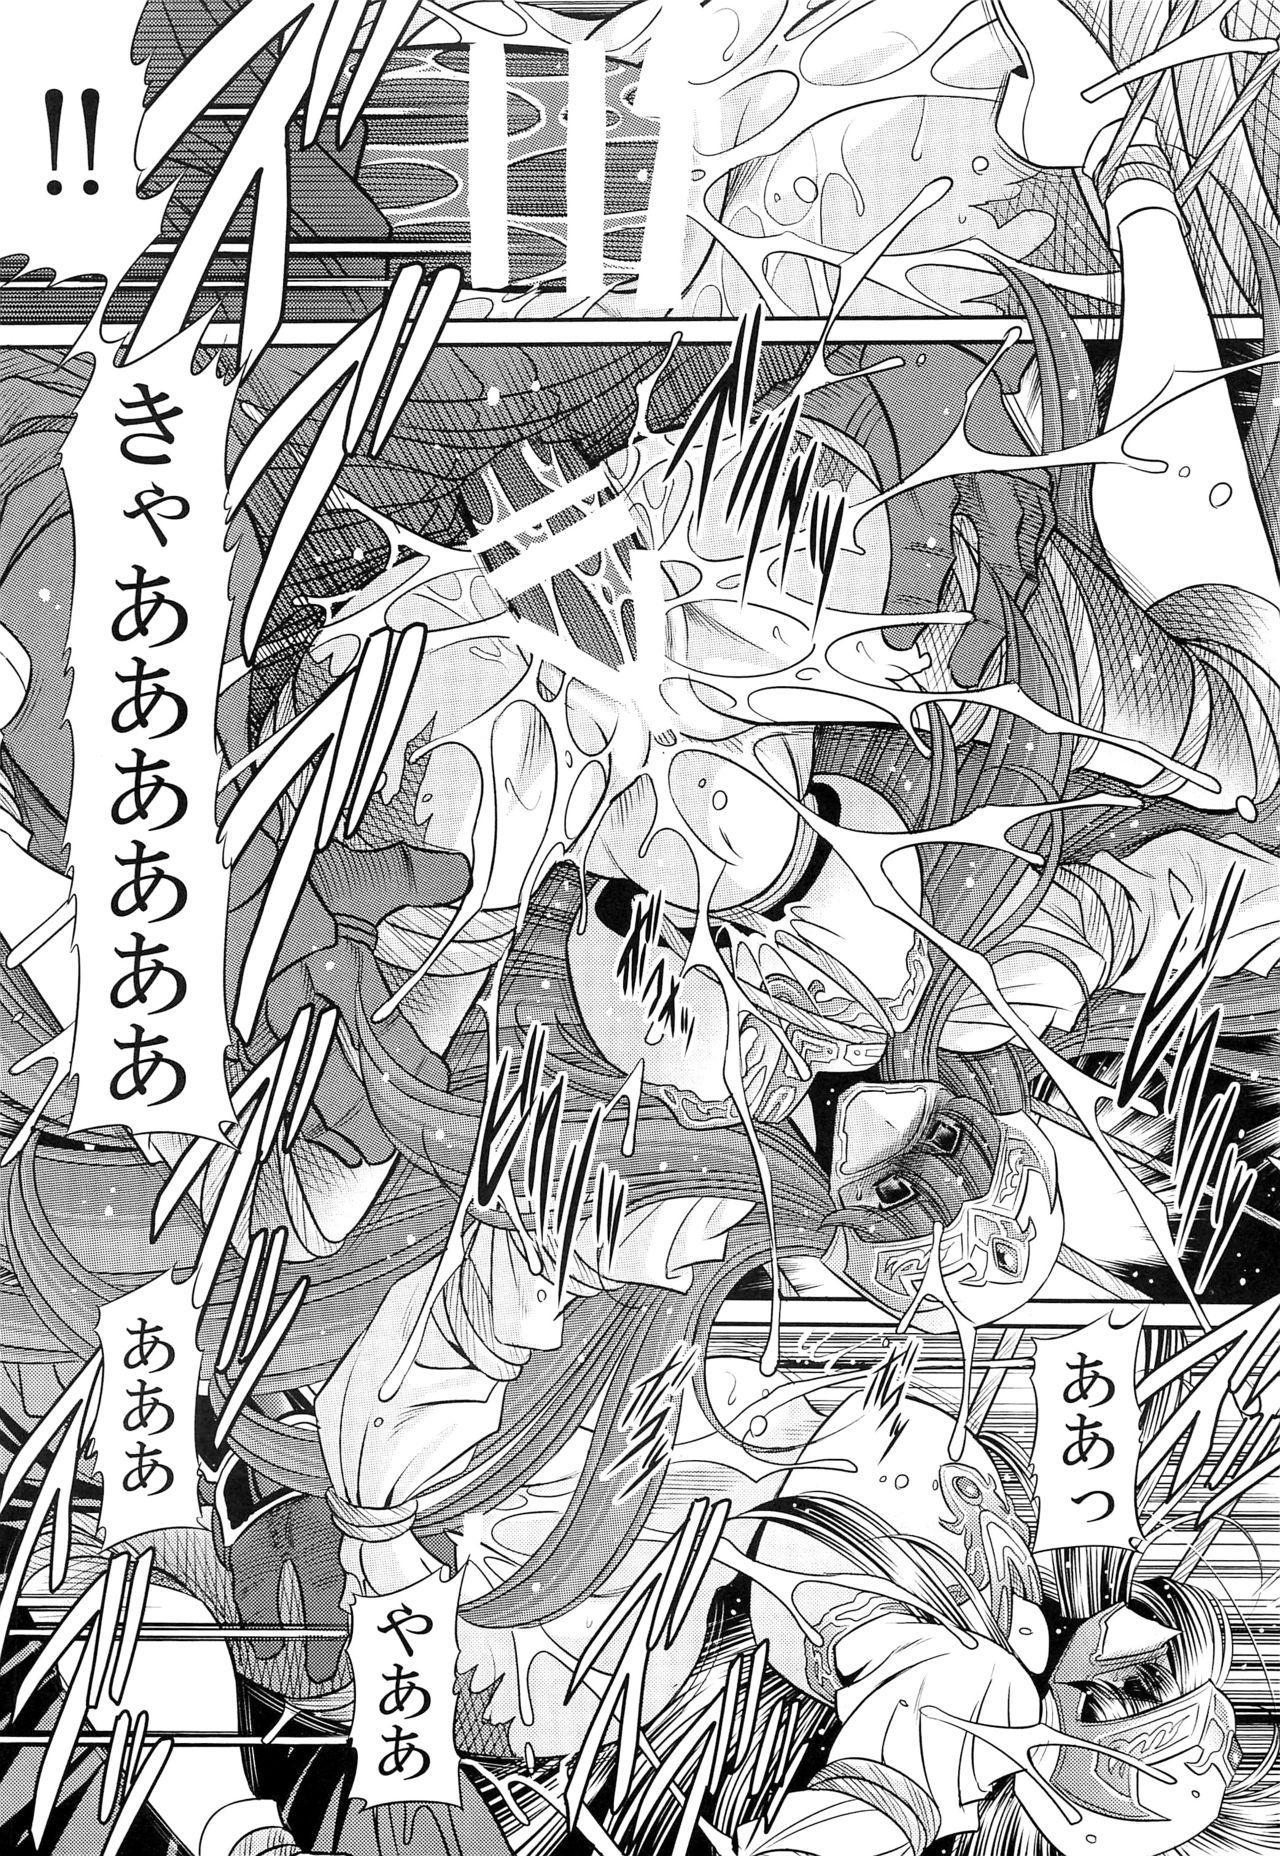 Himenin Hana Fubuki 15